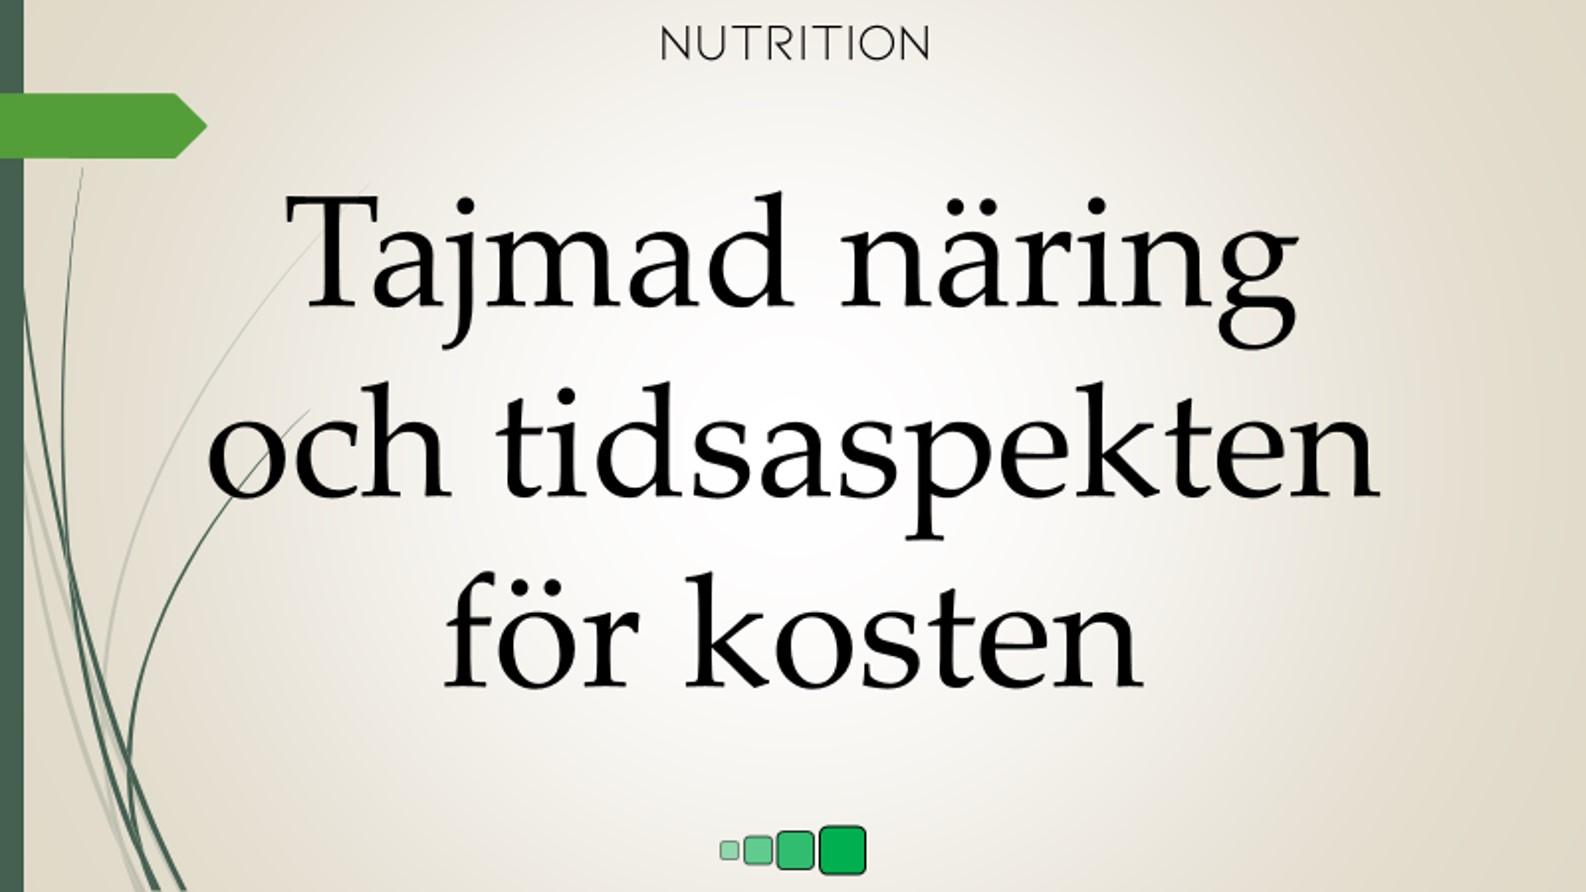 tajmad näring och tidsaspekten för kosten